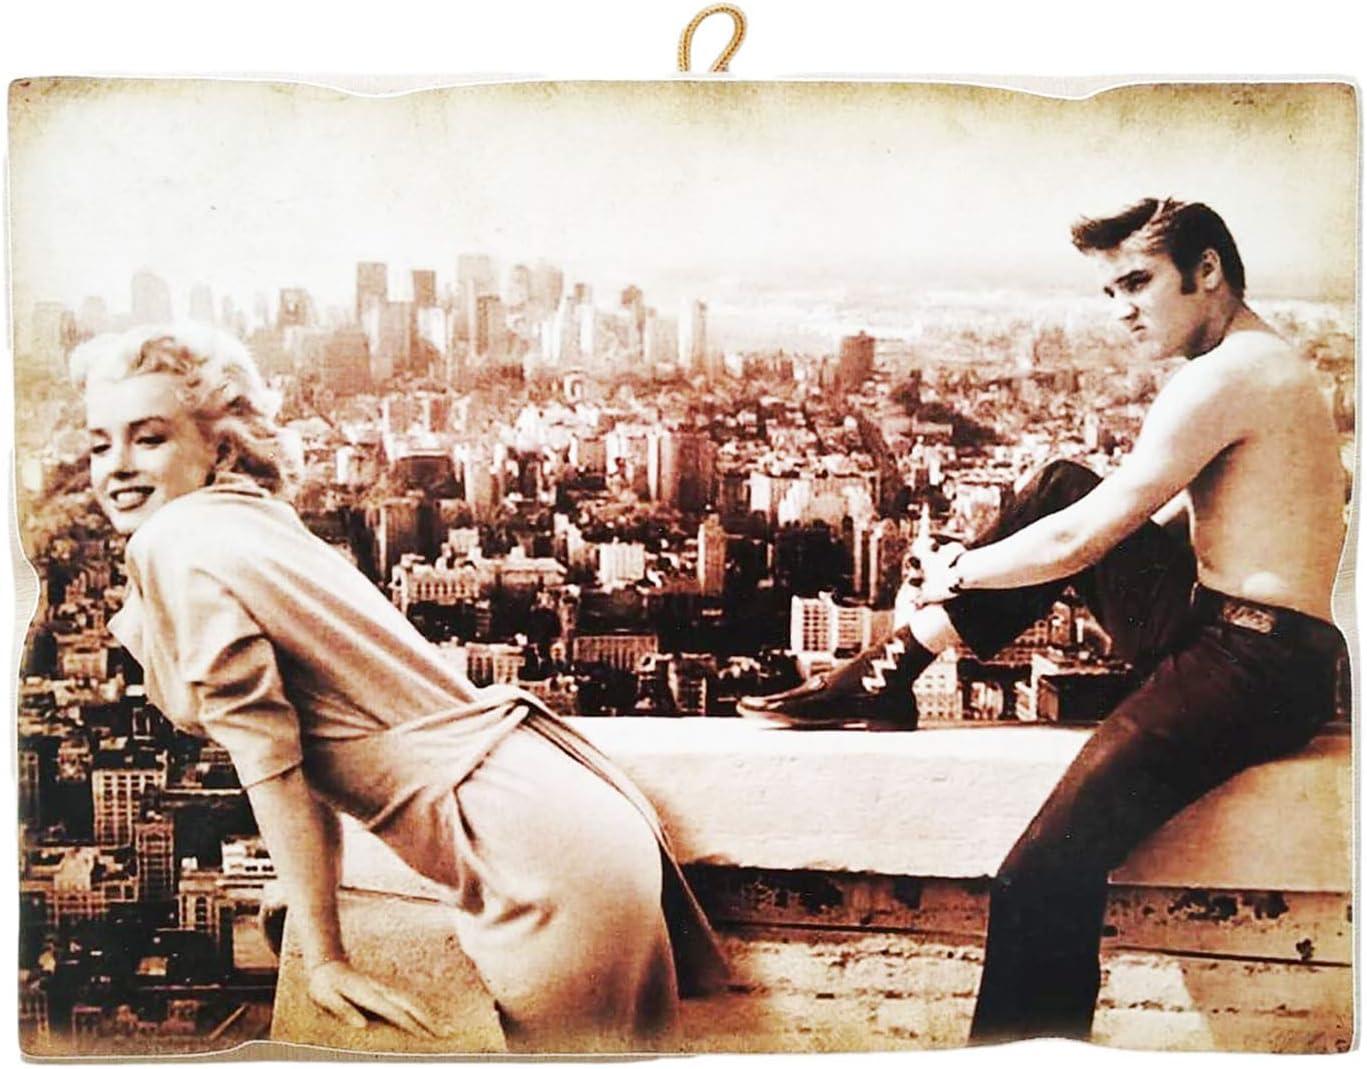 KUSTOM ART Quadro Quadretto Stile Vintage Marilyn Monroe /& Elvis Presley da Collezione Stampa su Legno